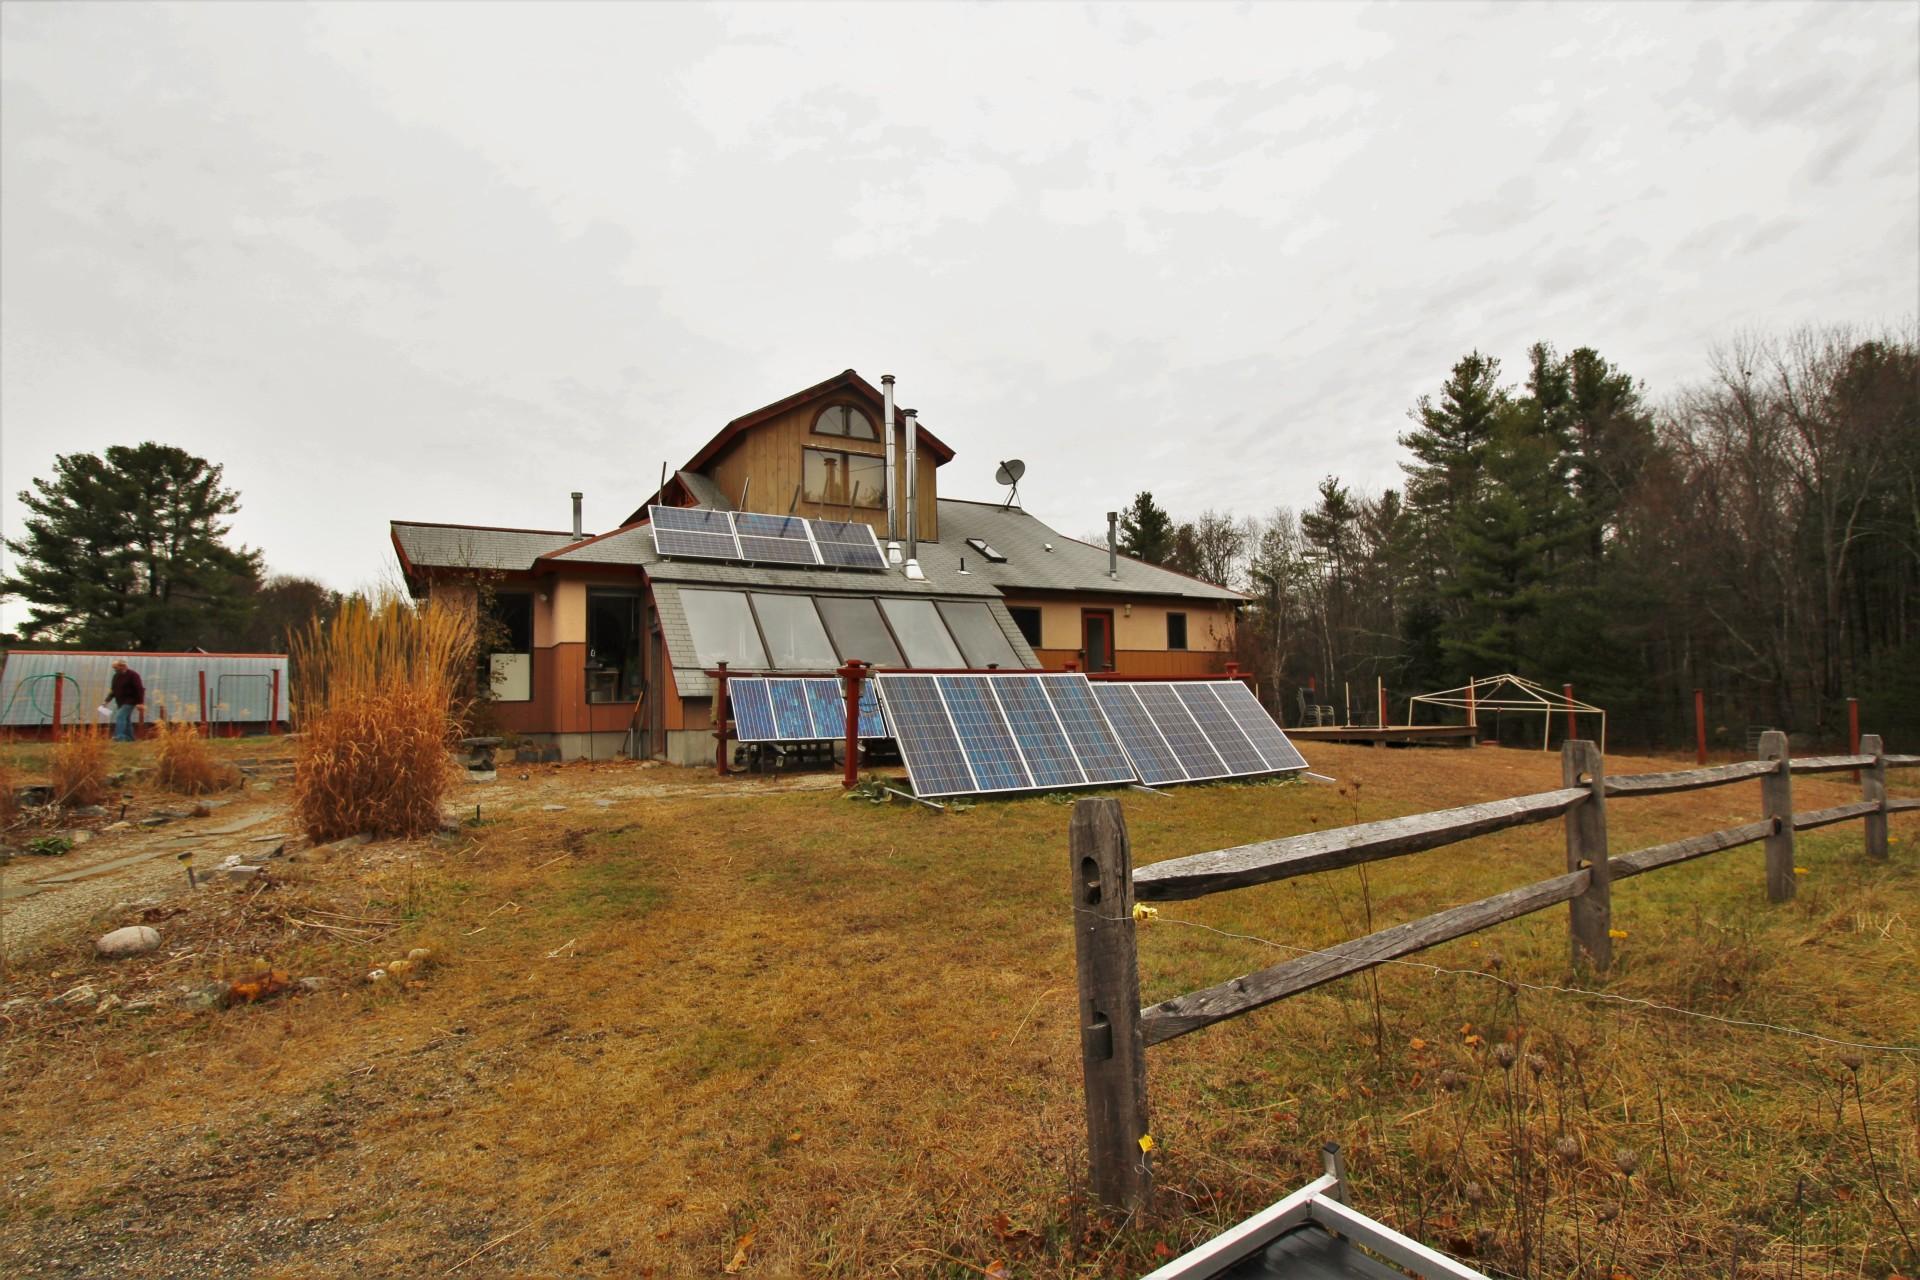 Starlight Llama Bed & Breakfast Solar Panels